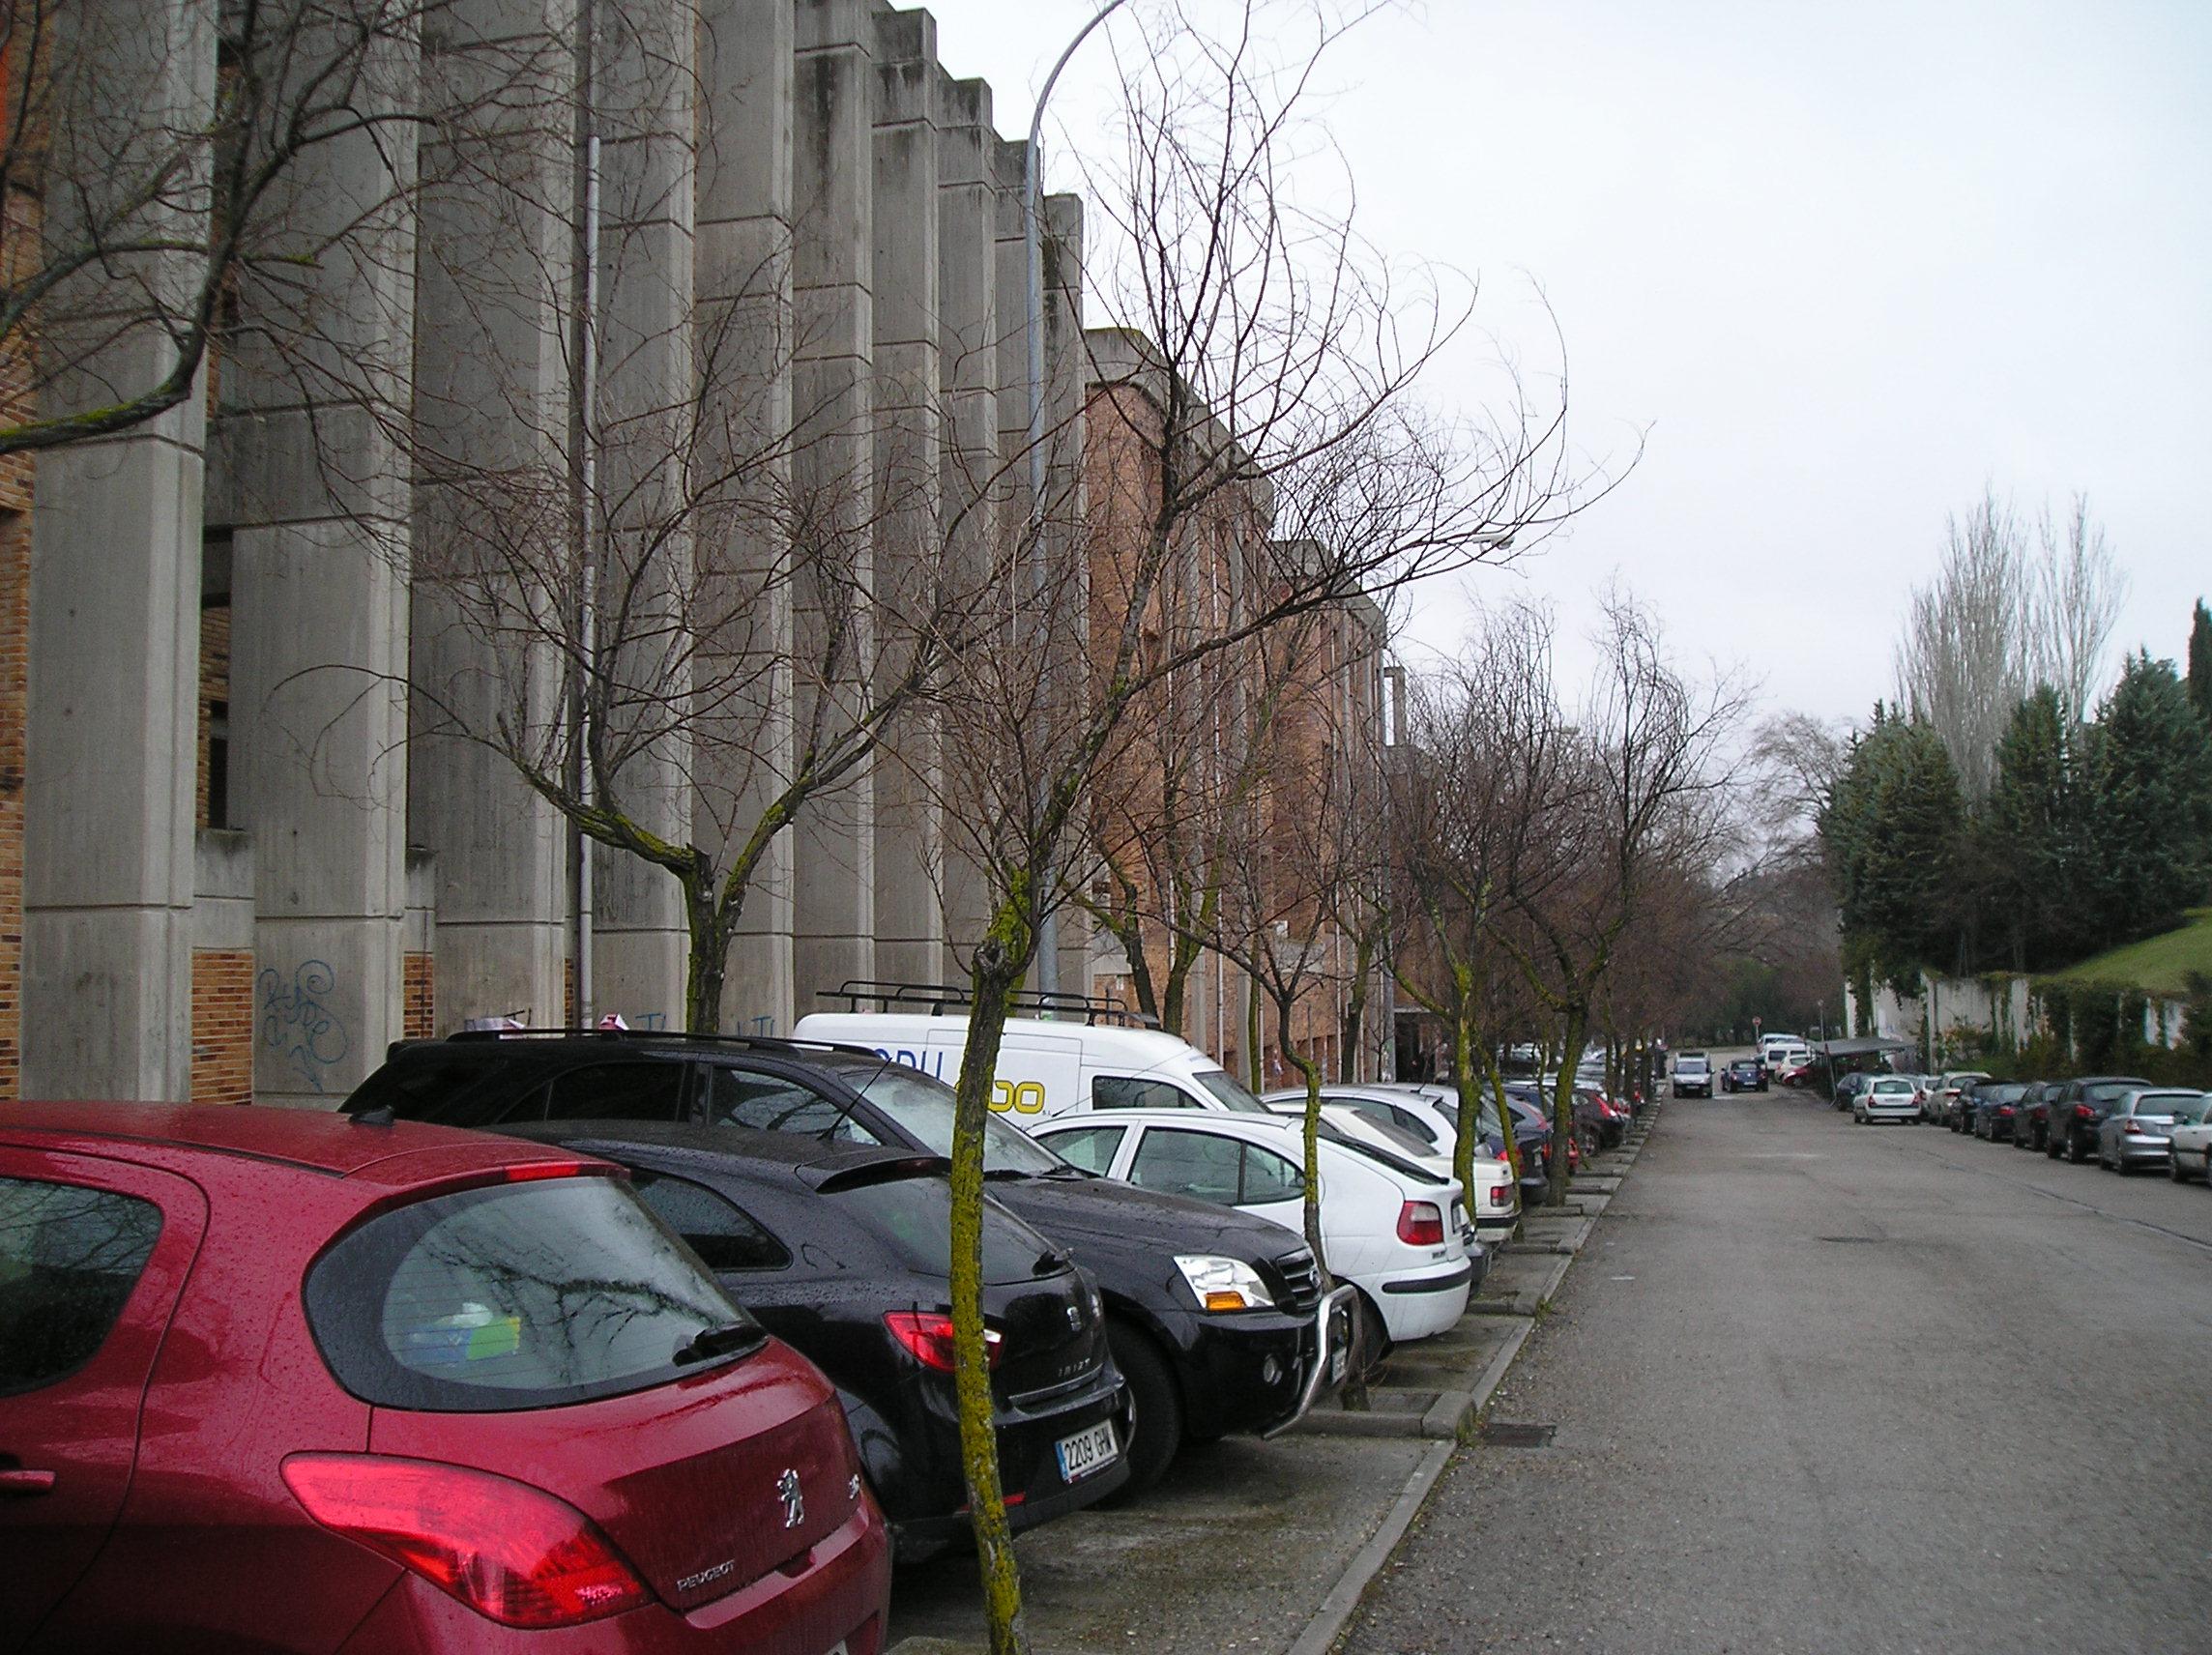 Facultad De Ciencias Politicas Y Sociologia Universidad Complutense